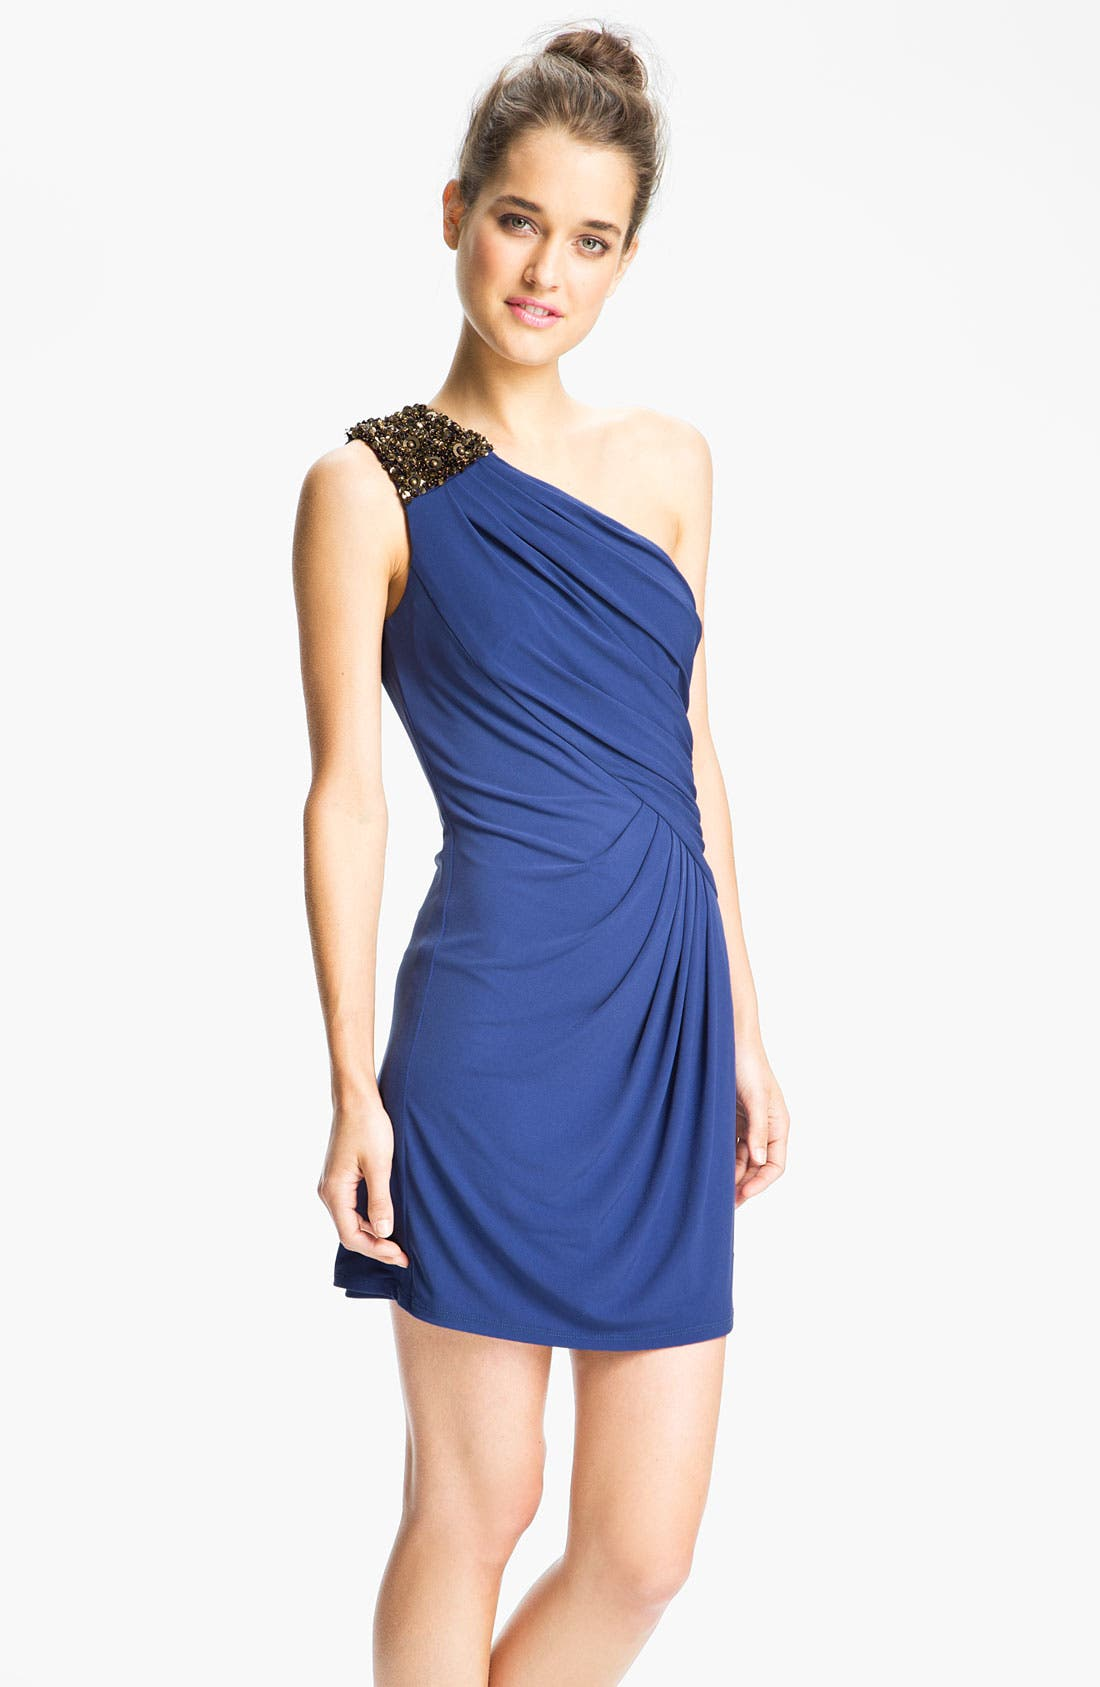 Alternate Image 1 Selected - Max & Cleo 'Helen' Embellished One Shoulder Dress